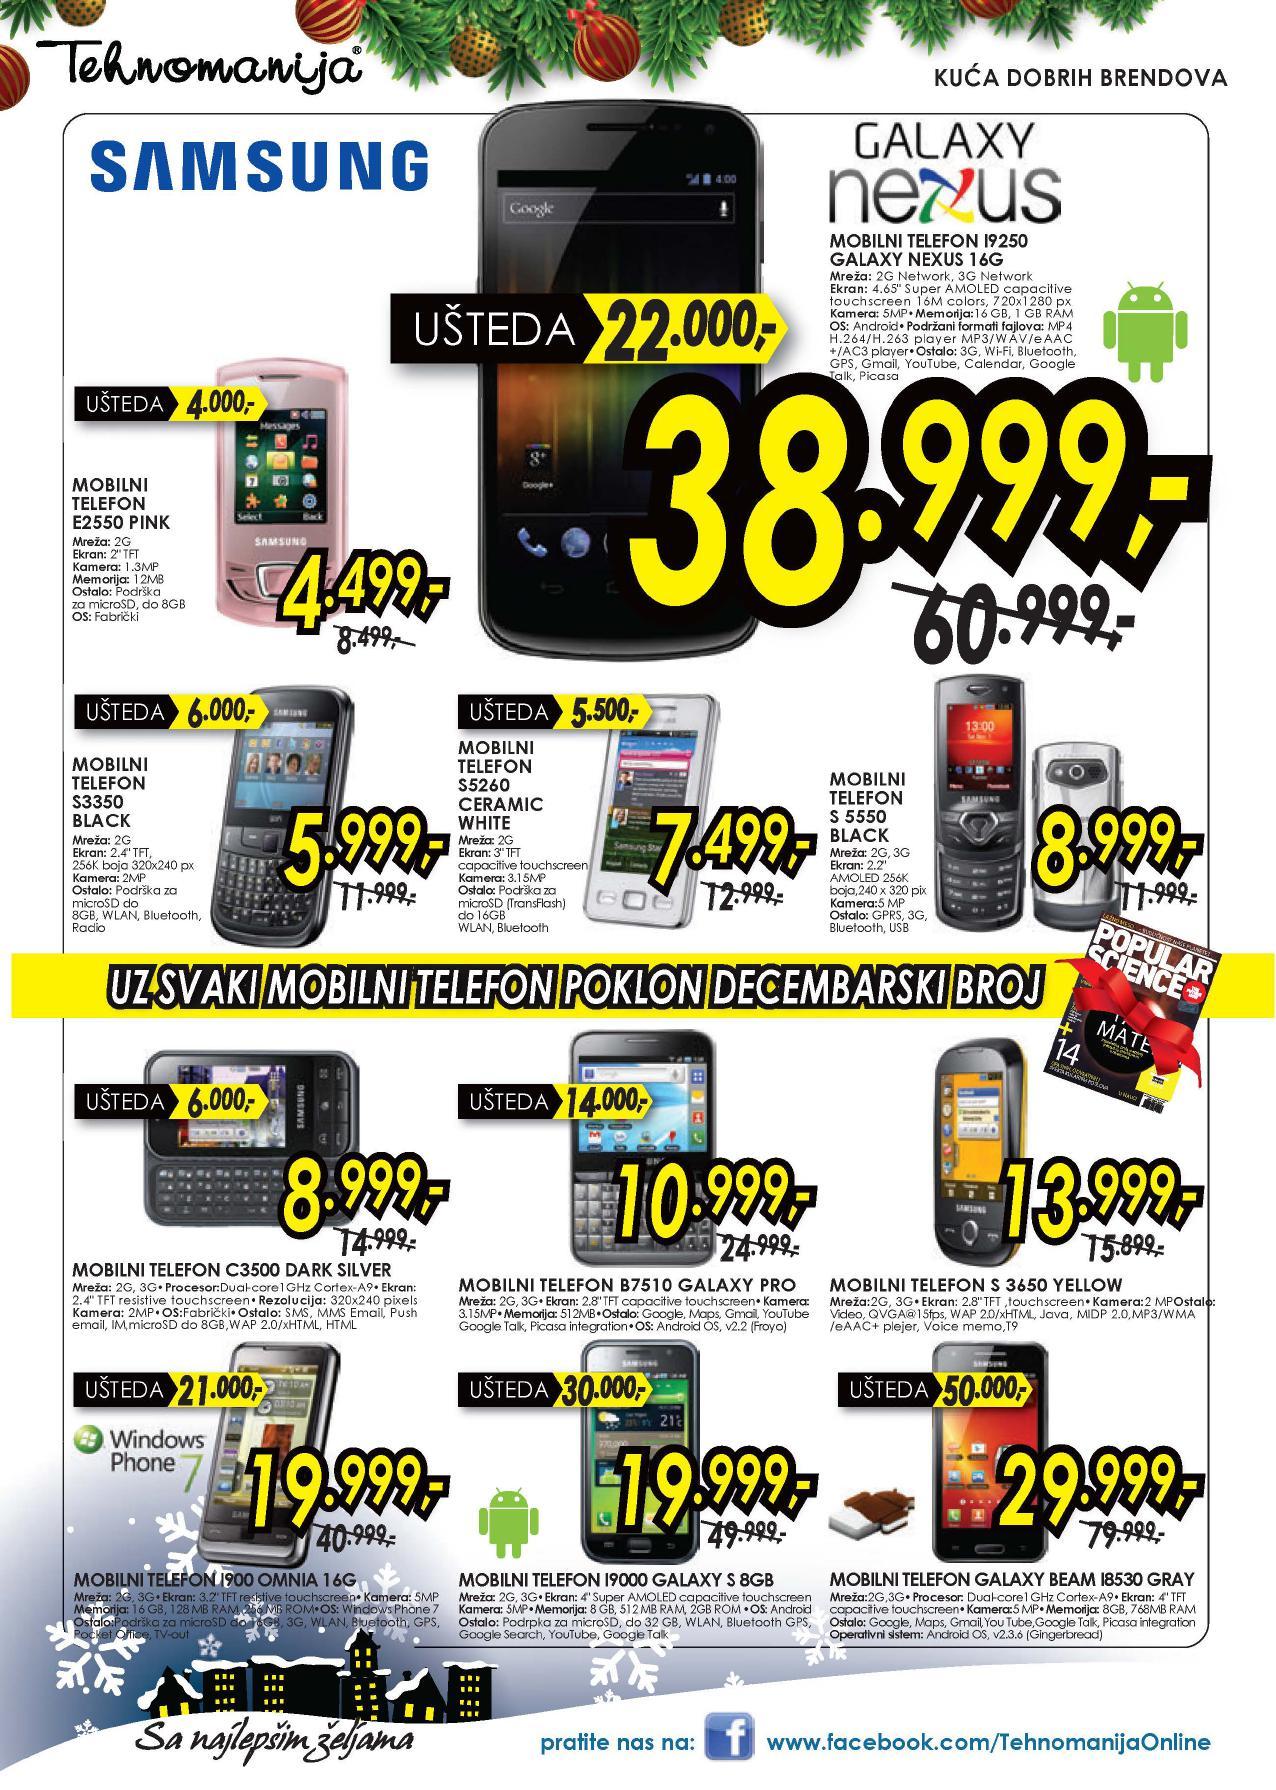 Tehnomanija katalog sjajna ponuda telefona